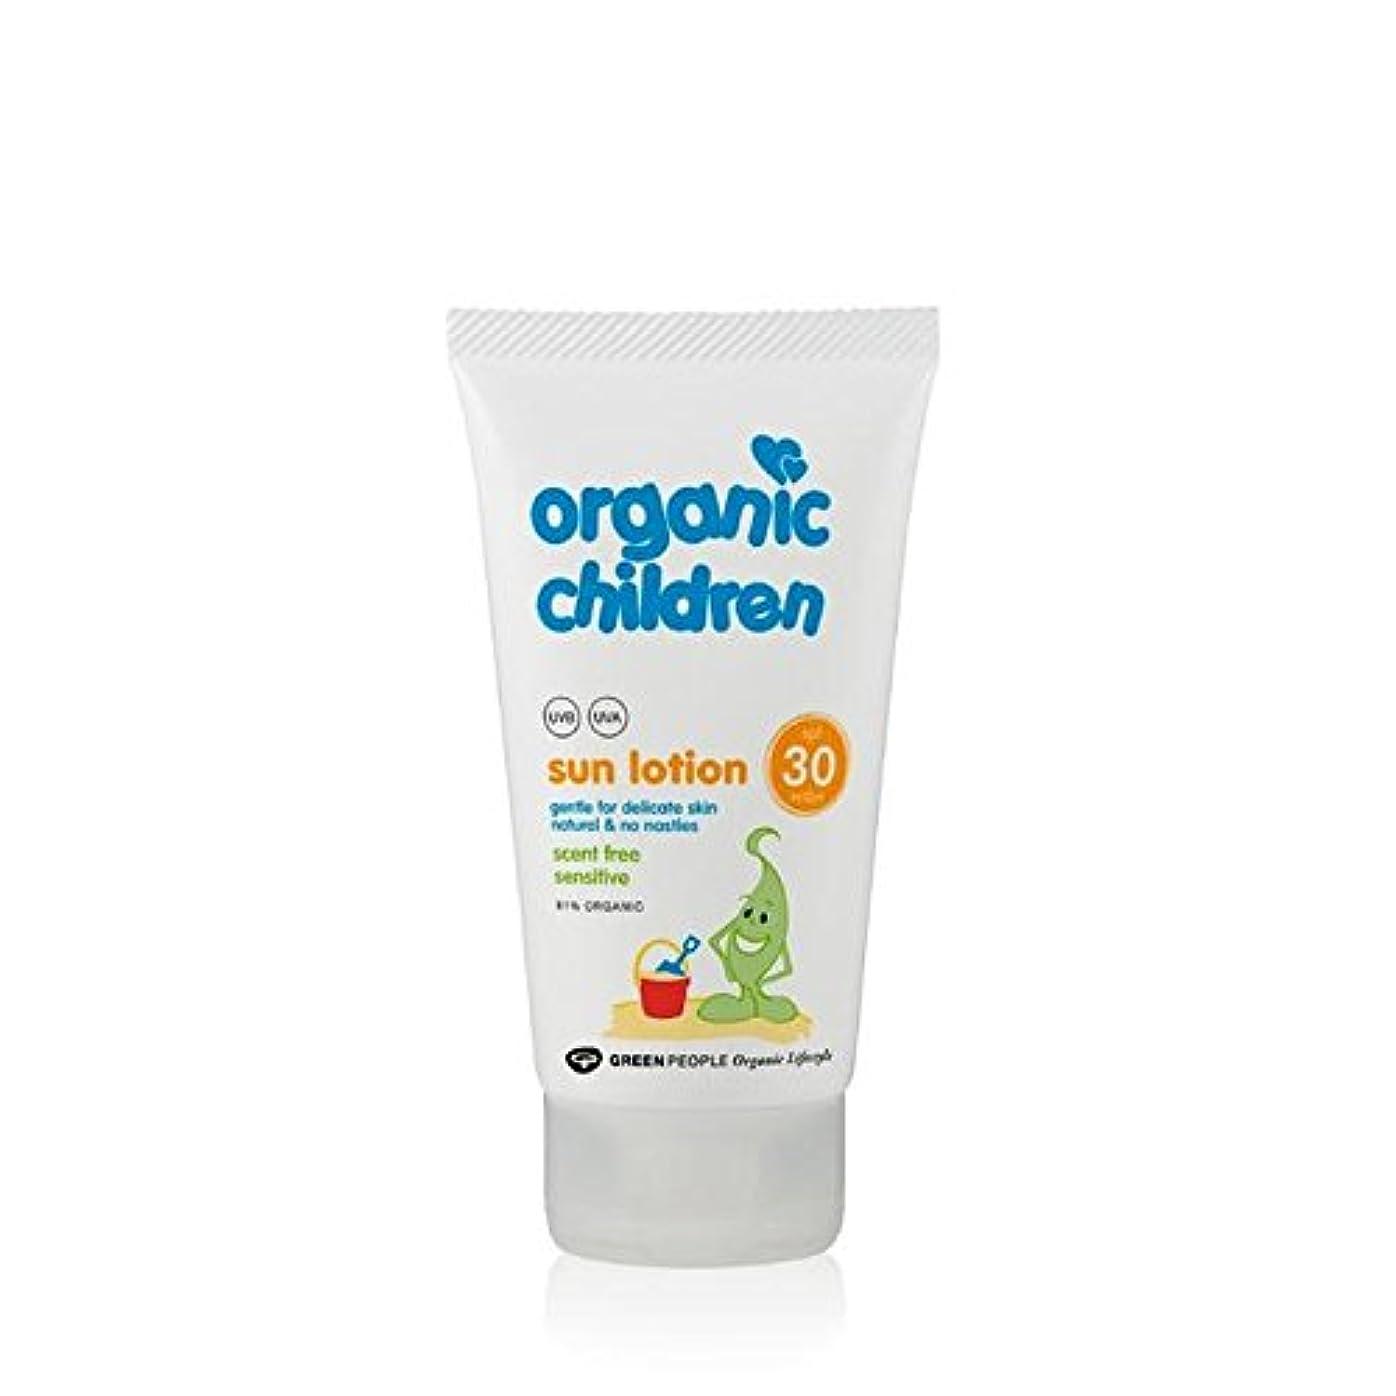 君主制頑固な税金有機子ども30の香り無料のサンローション150 x4 - Organic Children SPF30 Scent Free Sun Lotion 150ml (Pack of 4) [並行輸入品]